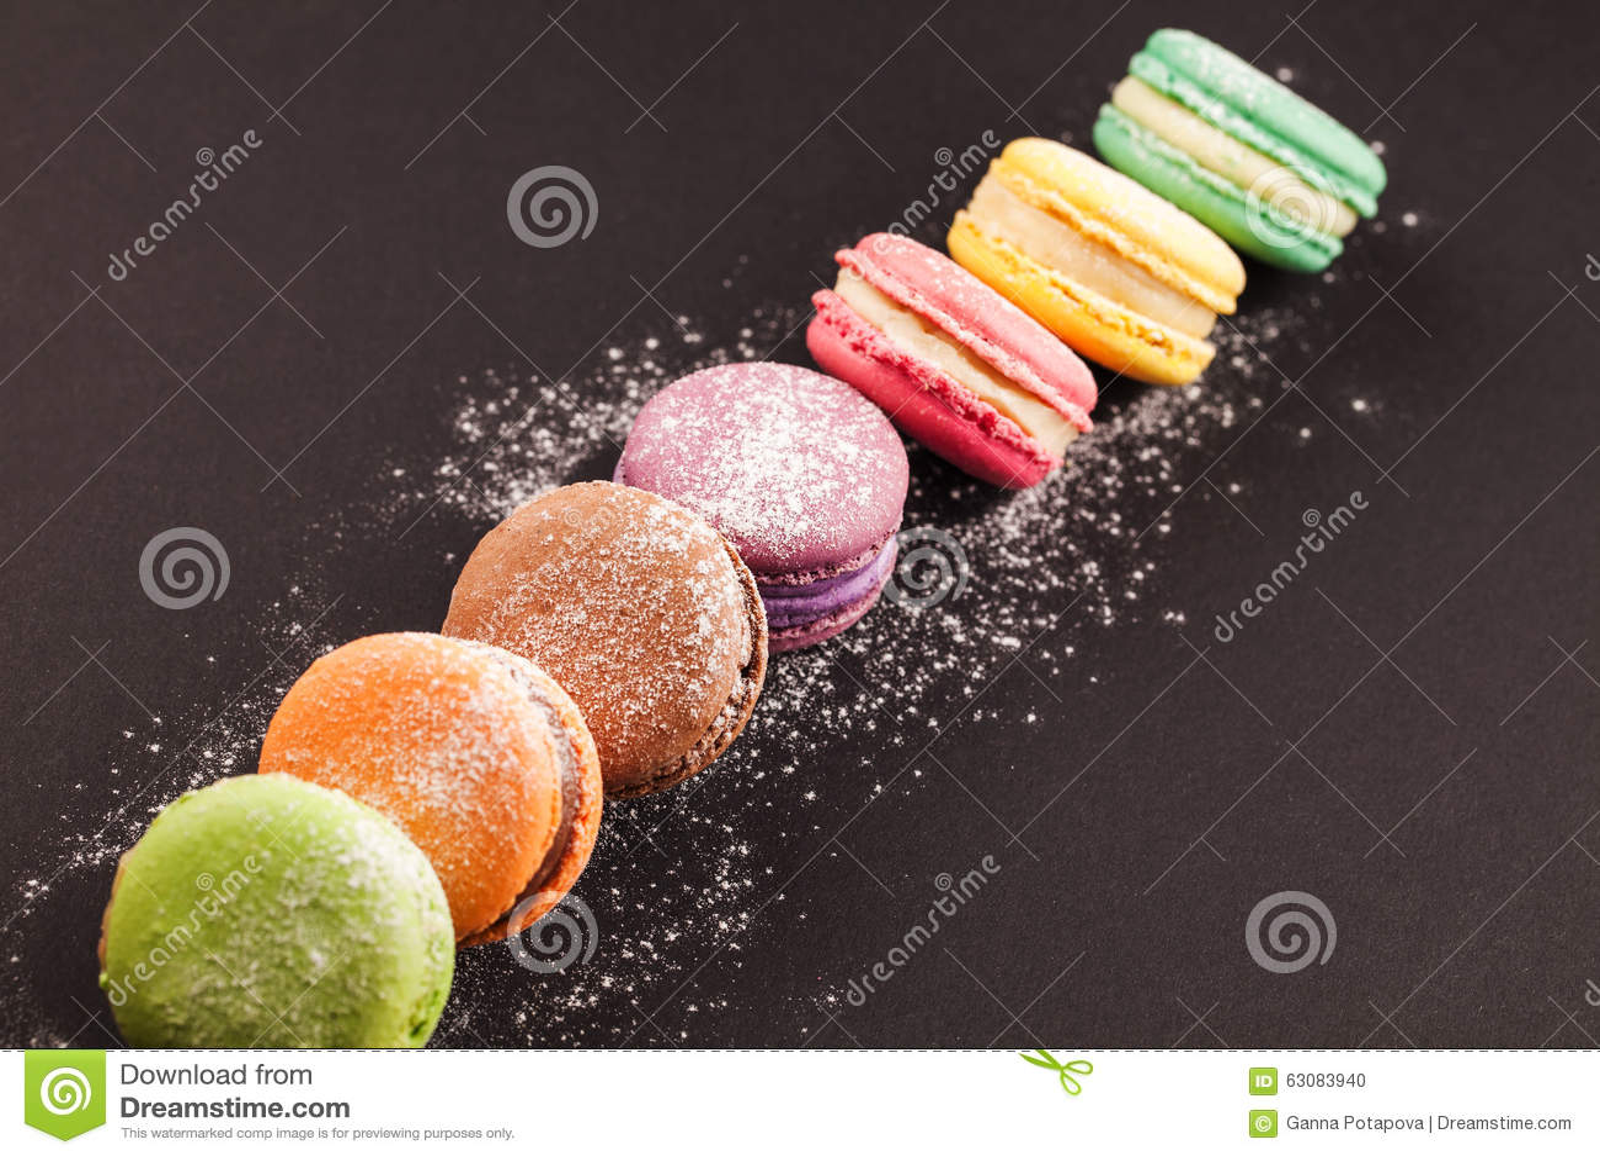 Download Rangée Des Macarons Sur Le Noir Photo stock - Image du gourmet, confection: 63083940